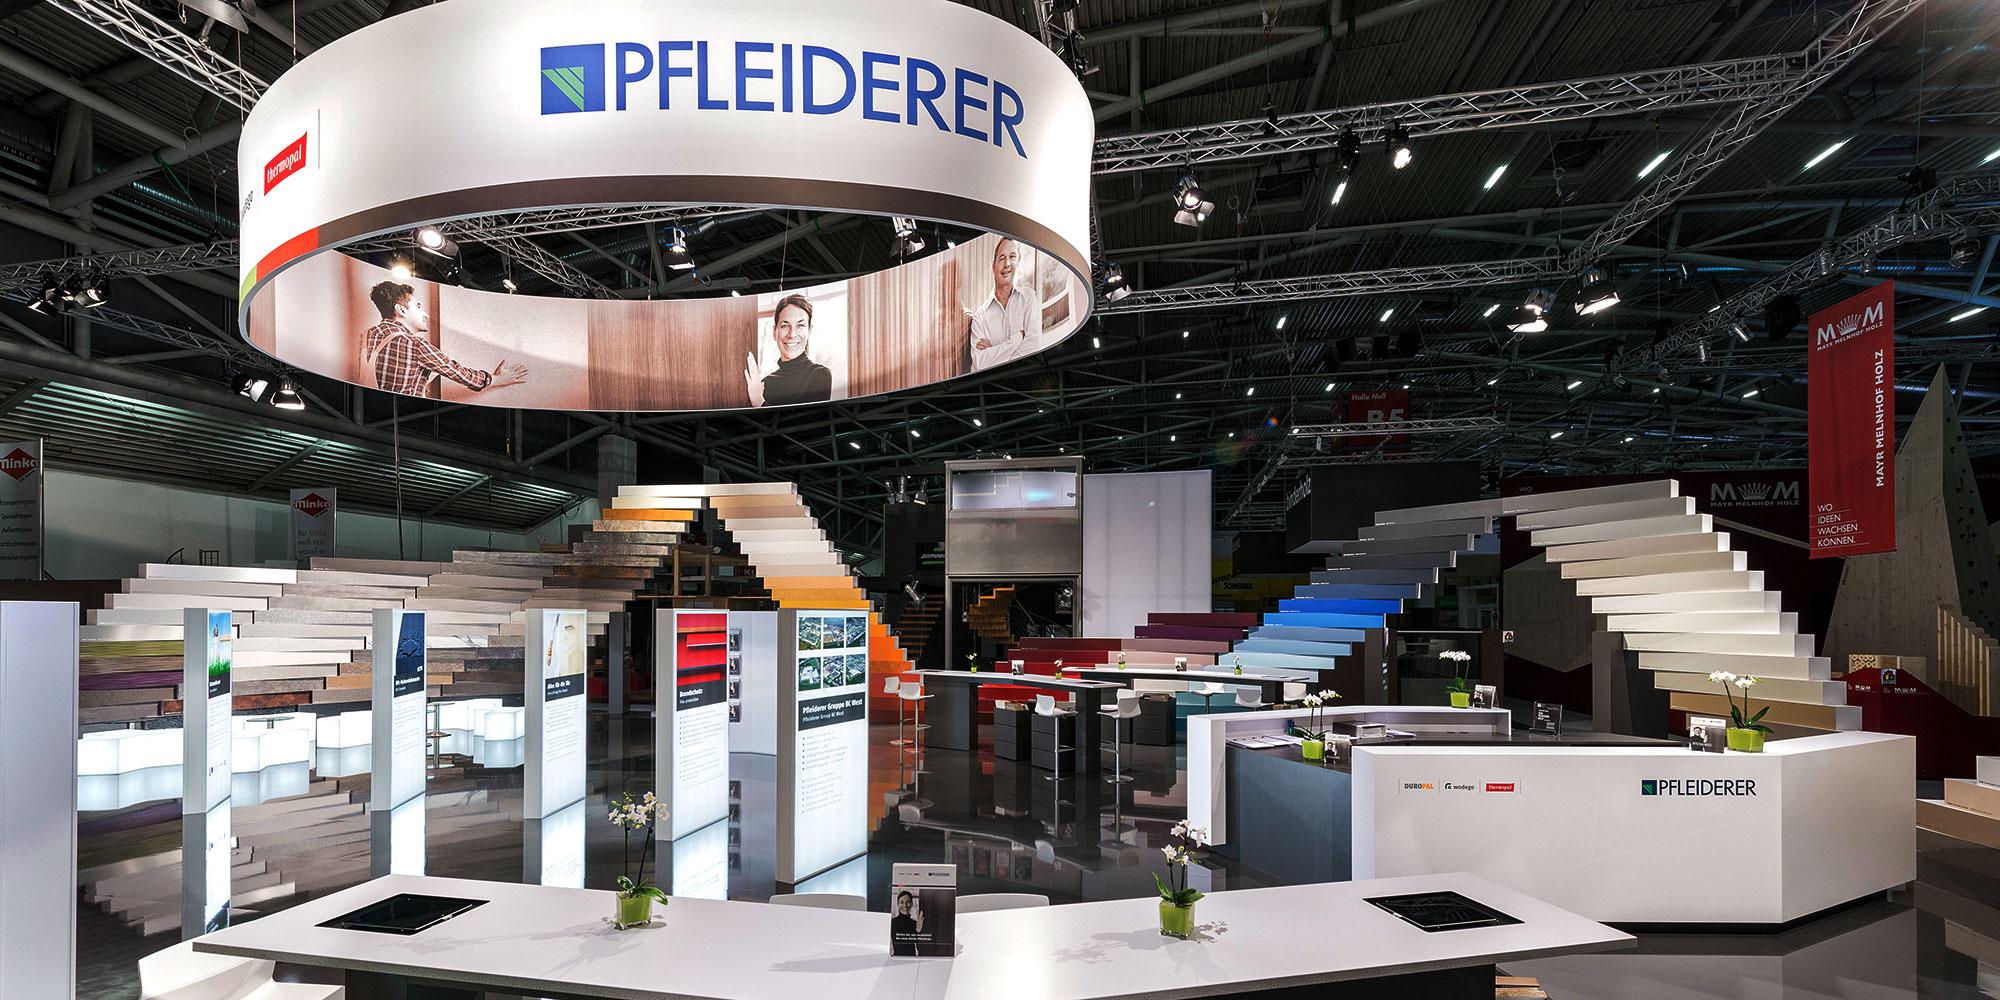 Pfeiderer Messe, München